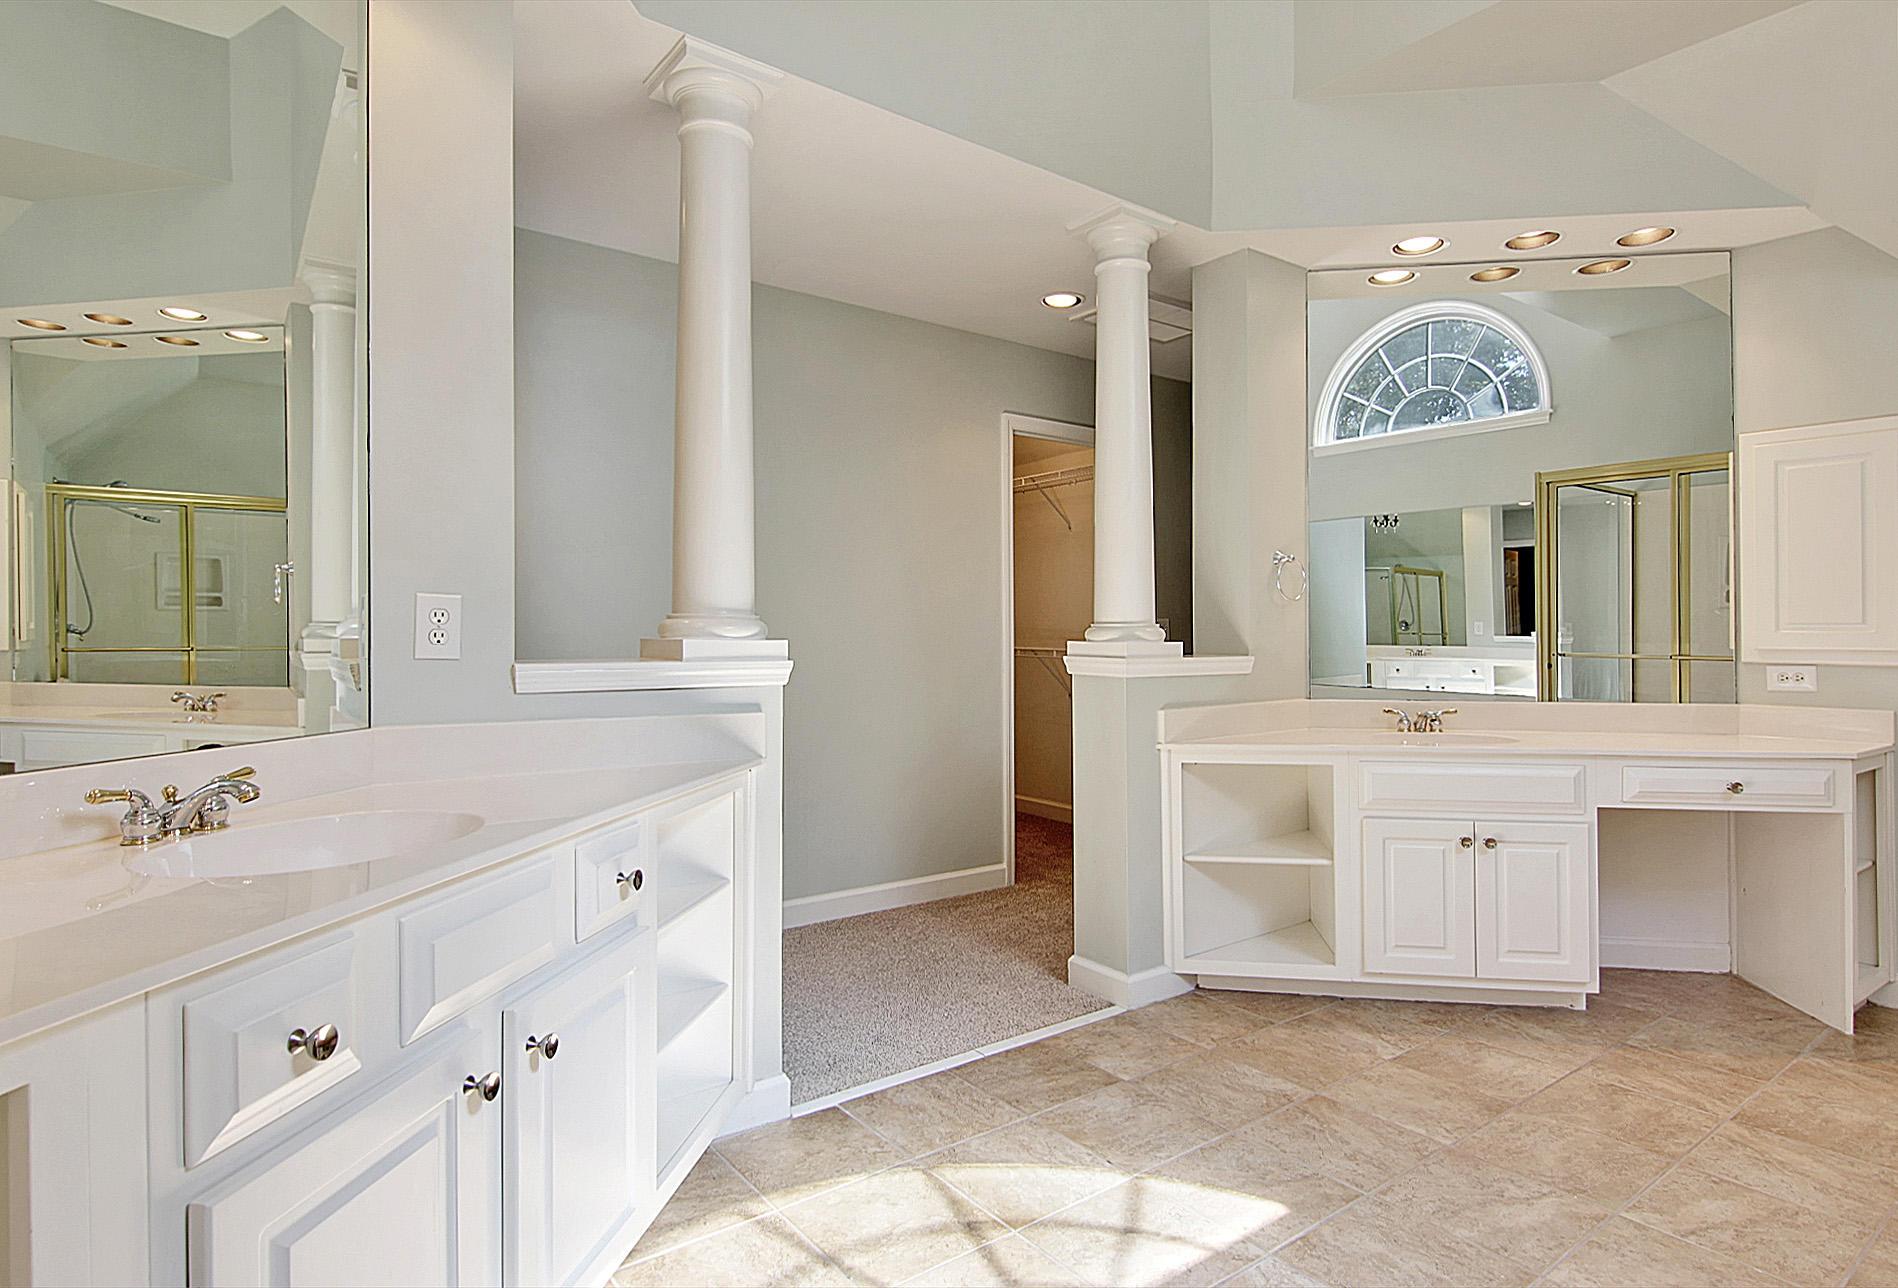 Dunes West Homes For Sale - 2236 Black Oak, Mount Pleasant, SC - 37